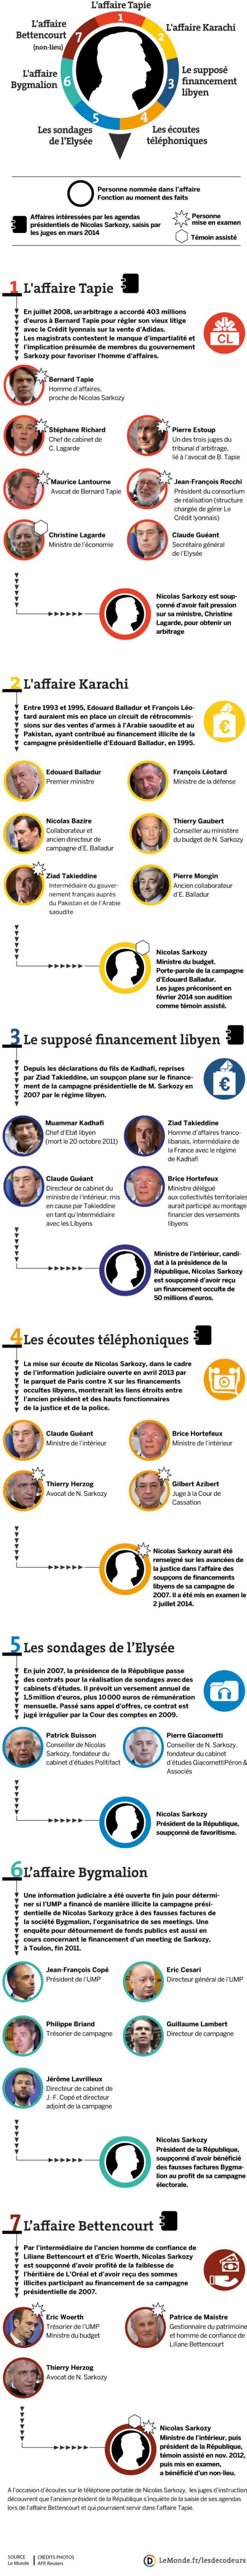 Les affaires qui menacent Nicolas Sarkozy